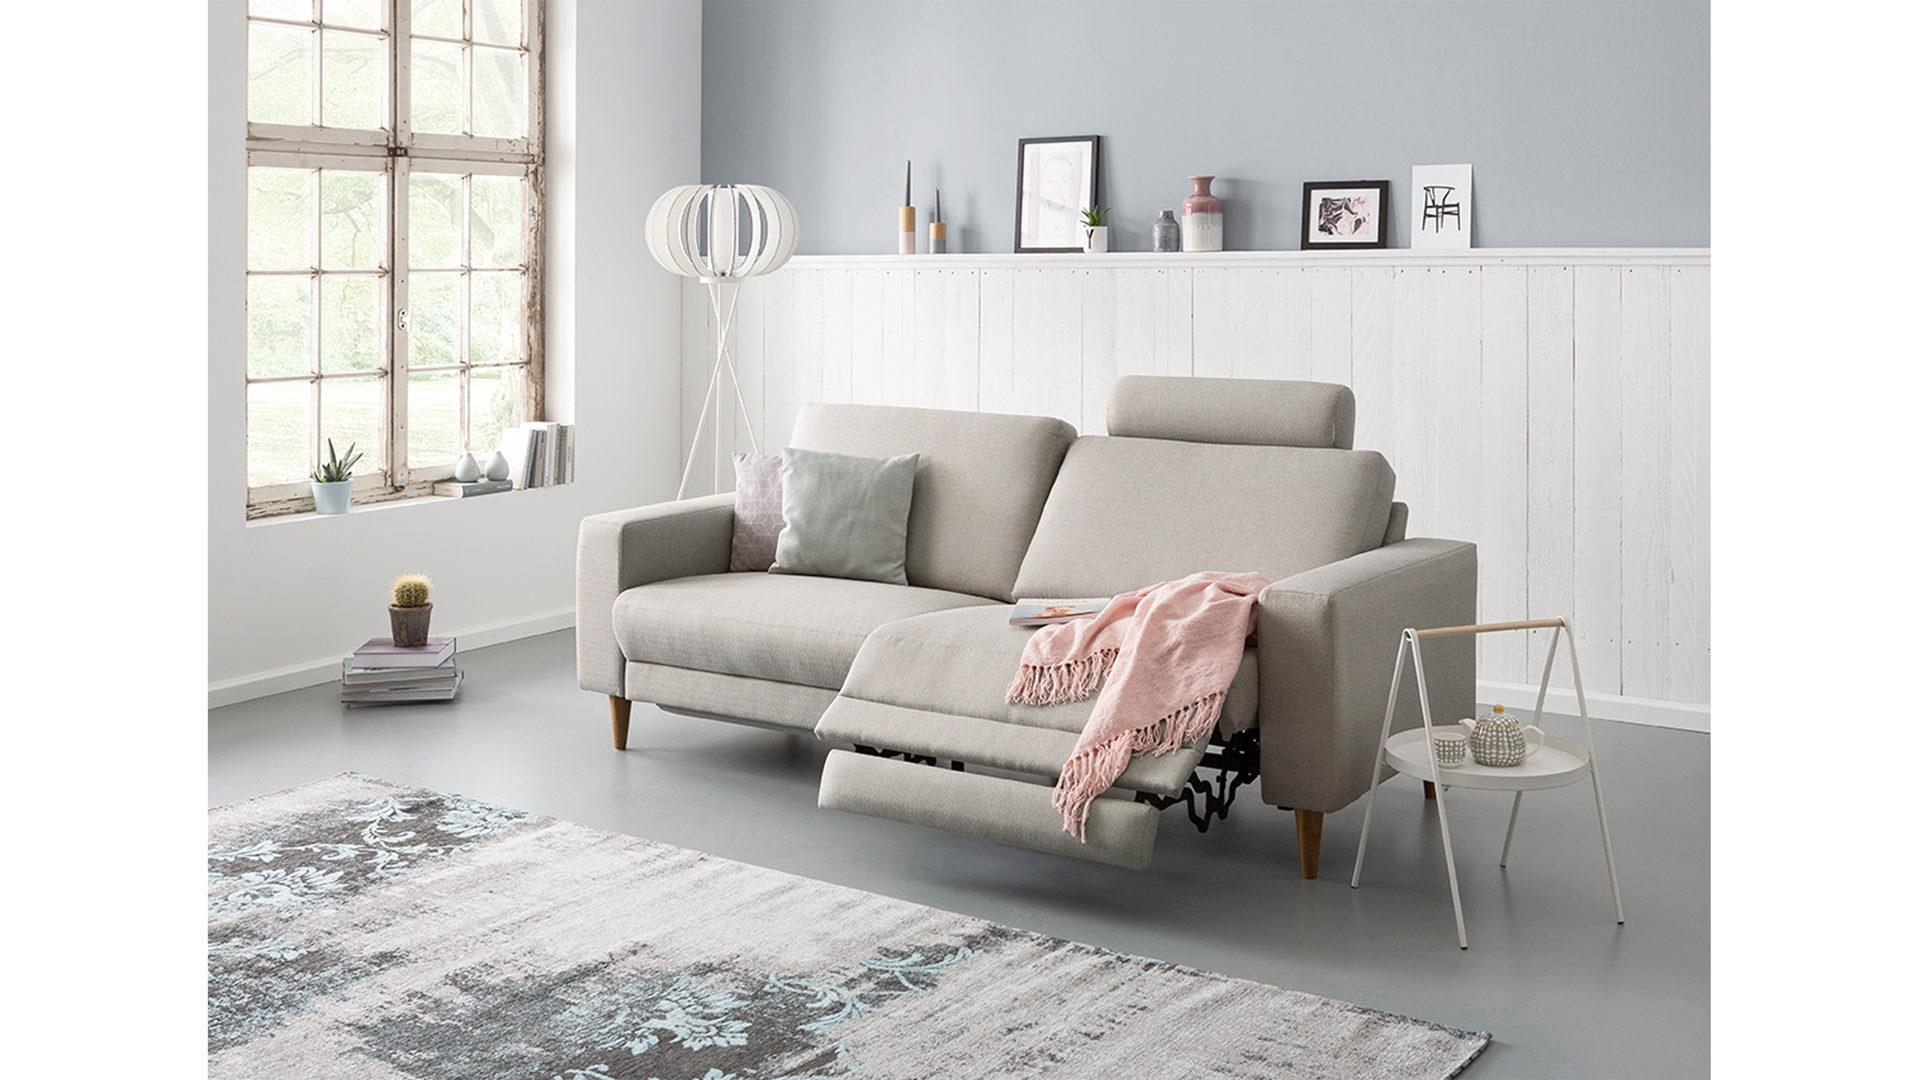 Zweisitzer Sofa Mit Funktion Polstermöbel Grauer Bezug Idaho 2801